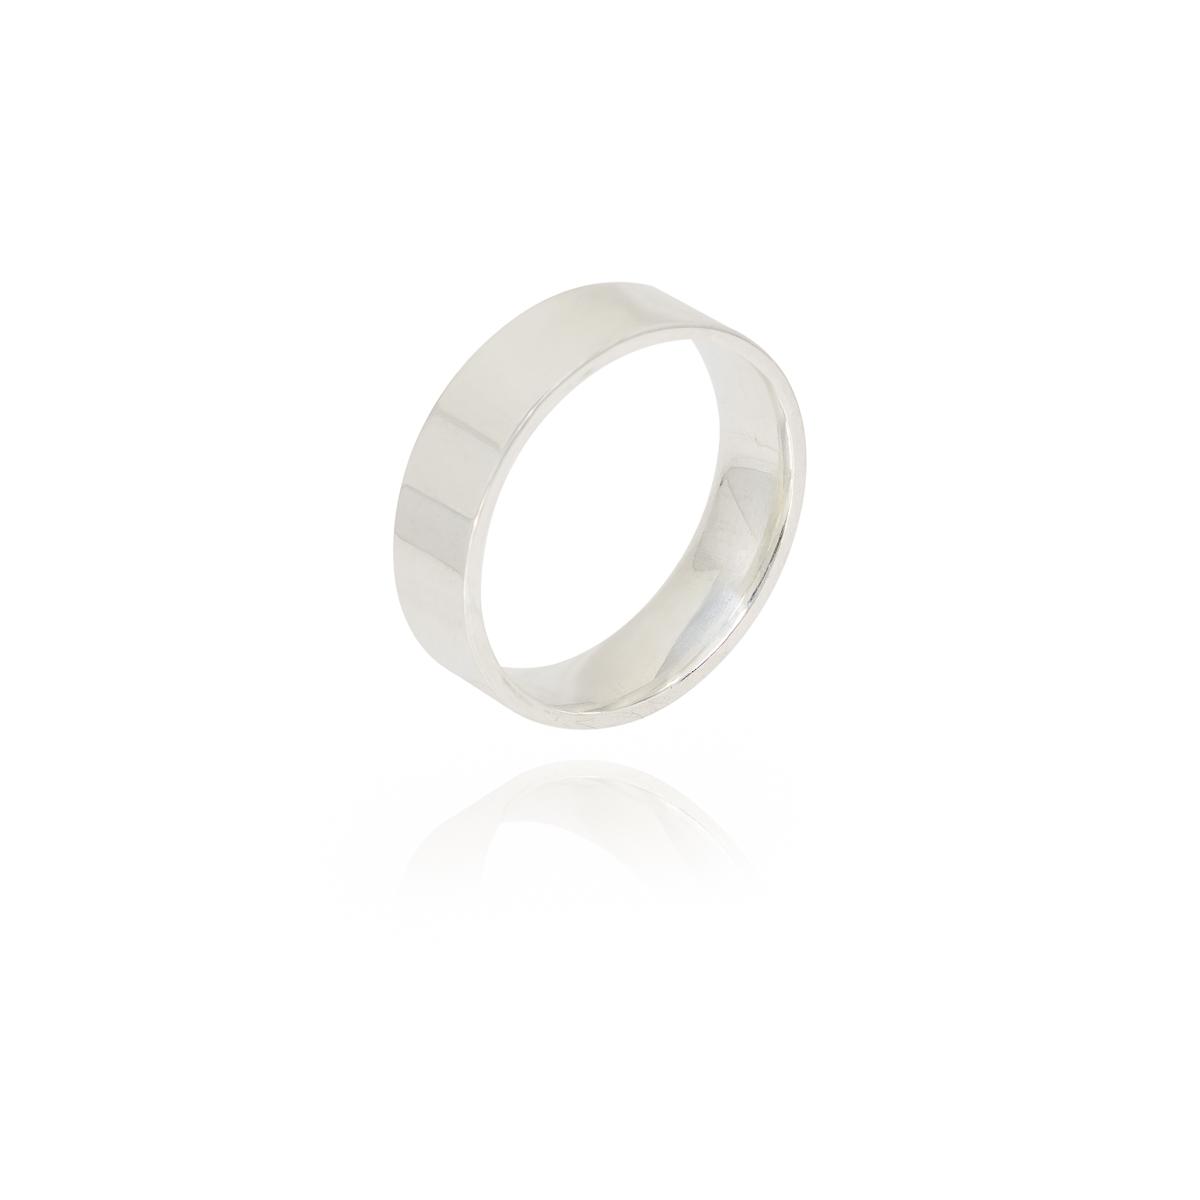 Aliança joia em prata 925 maciça lisa e reta de 5 mm